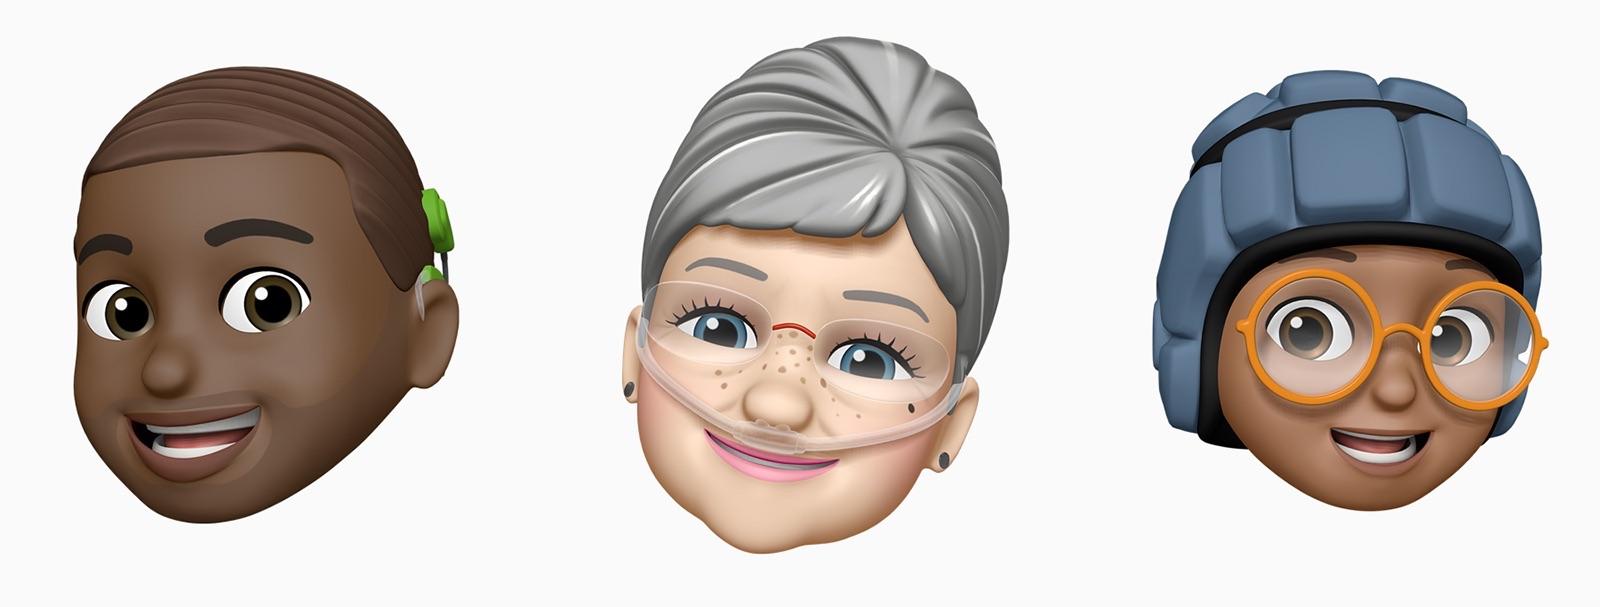 Memojis con gafas o implantes cocleares